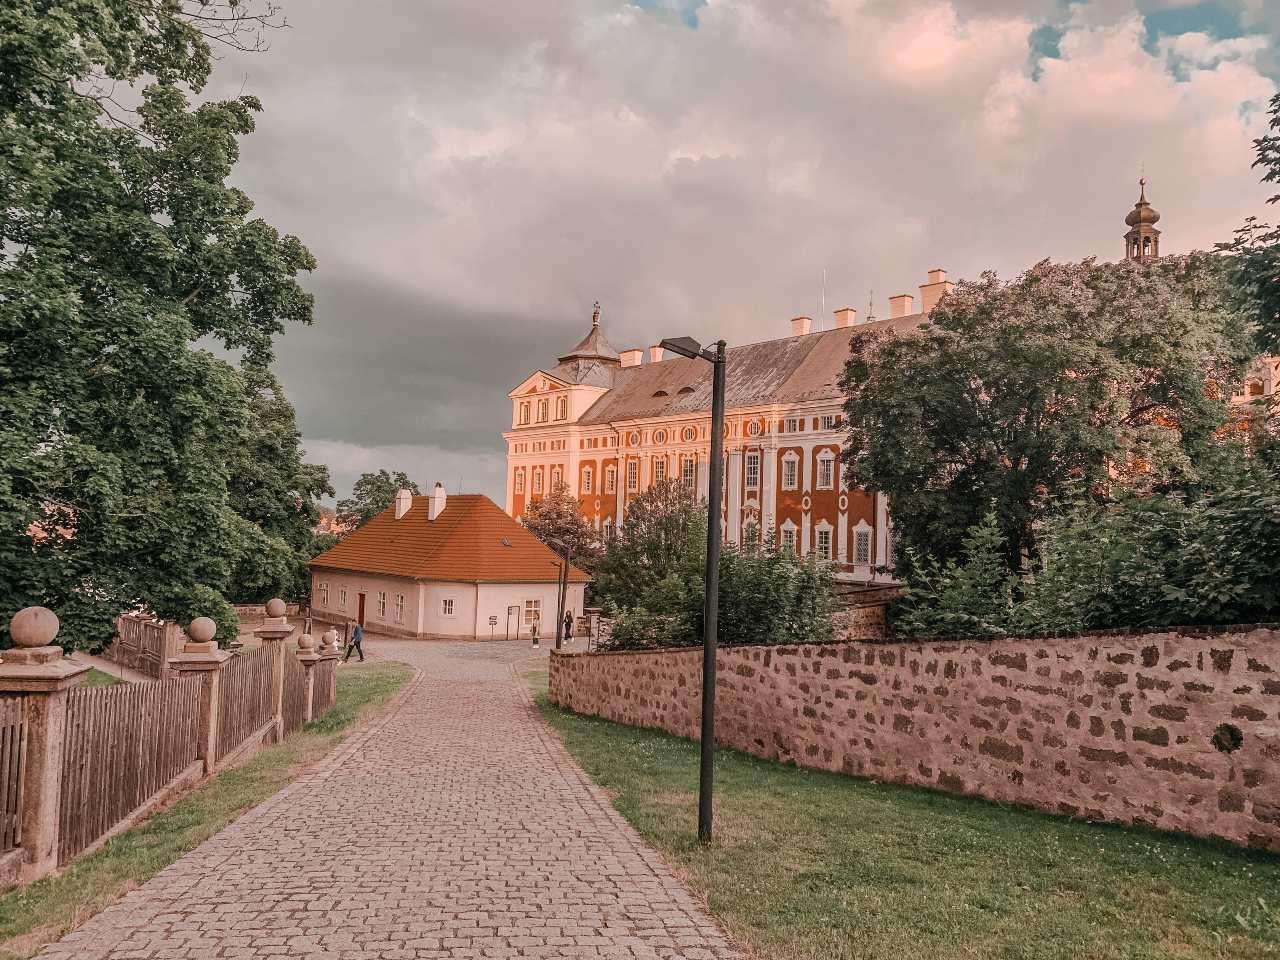 malá ulička vedoucí ke klášteru v Broumově s kamenou zídkou a lampout na jóga víkend